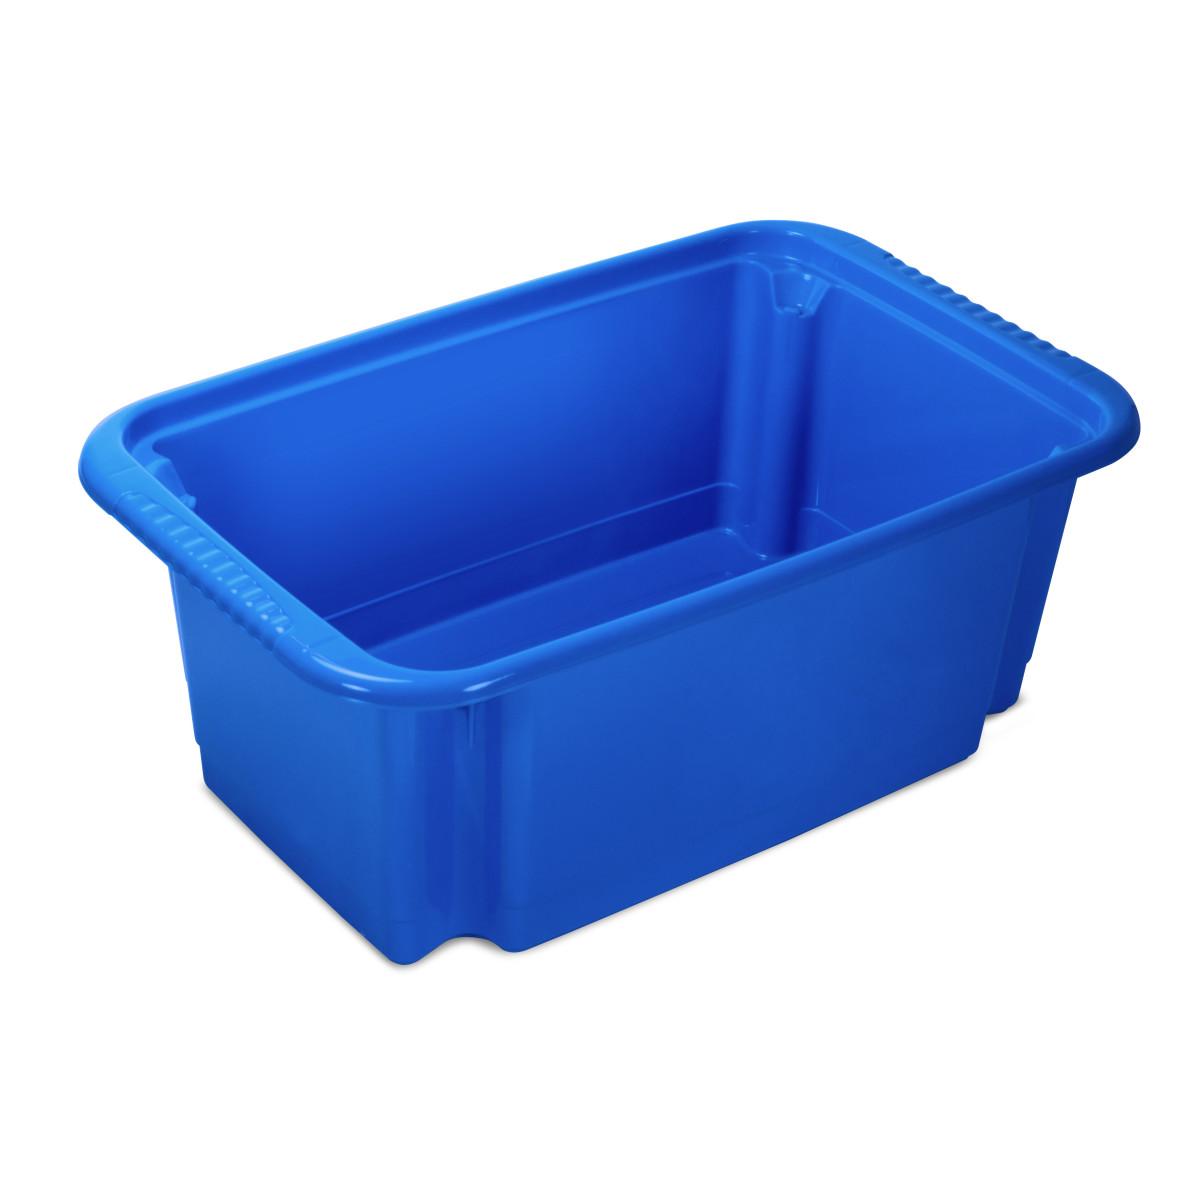 Корзина для игрушек Пиколо 480x302x185 мм 18.3 л пластик цвет синий